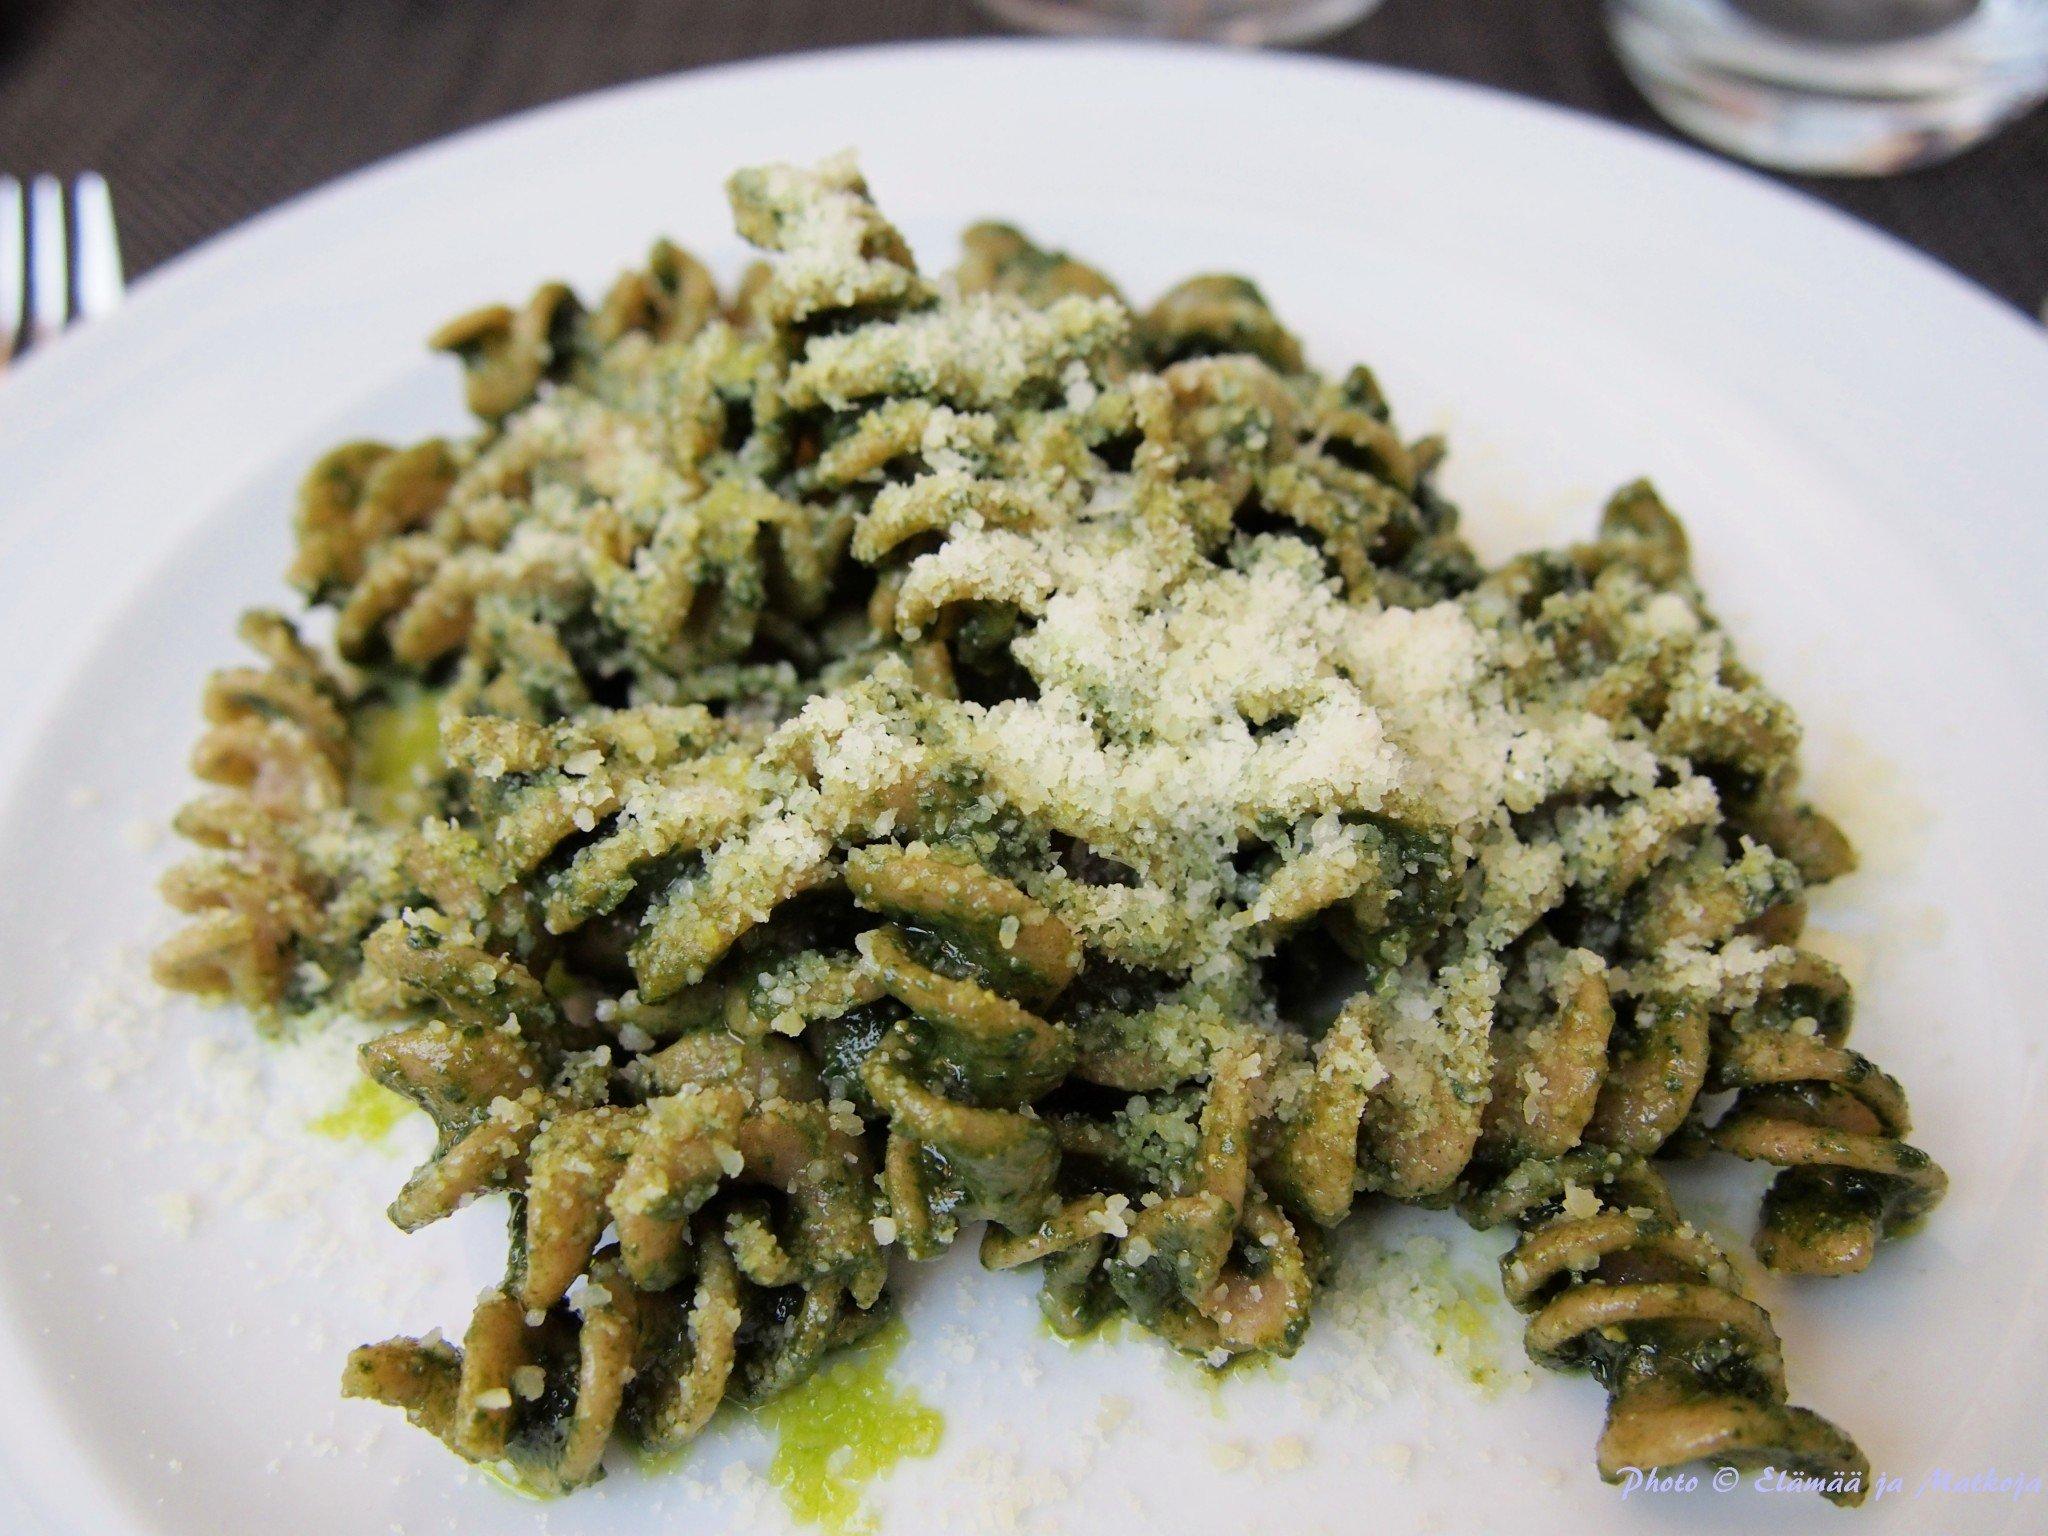 Best pasta i've had in a long time - Grazie mille! Photo © Elämää ja Matkoja